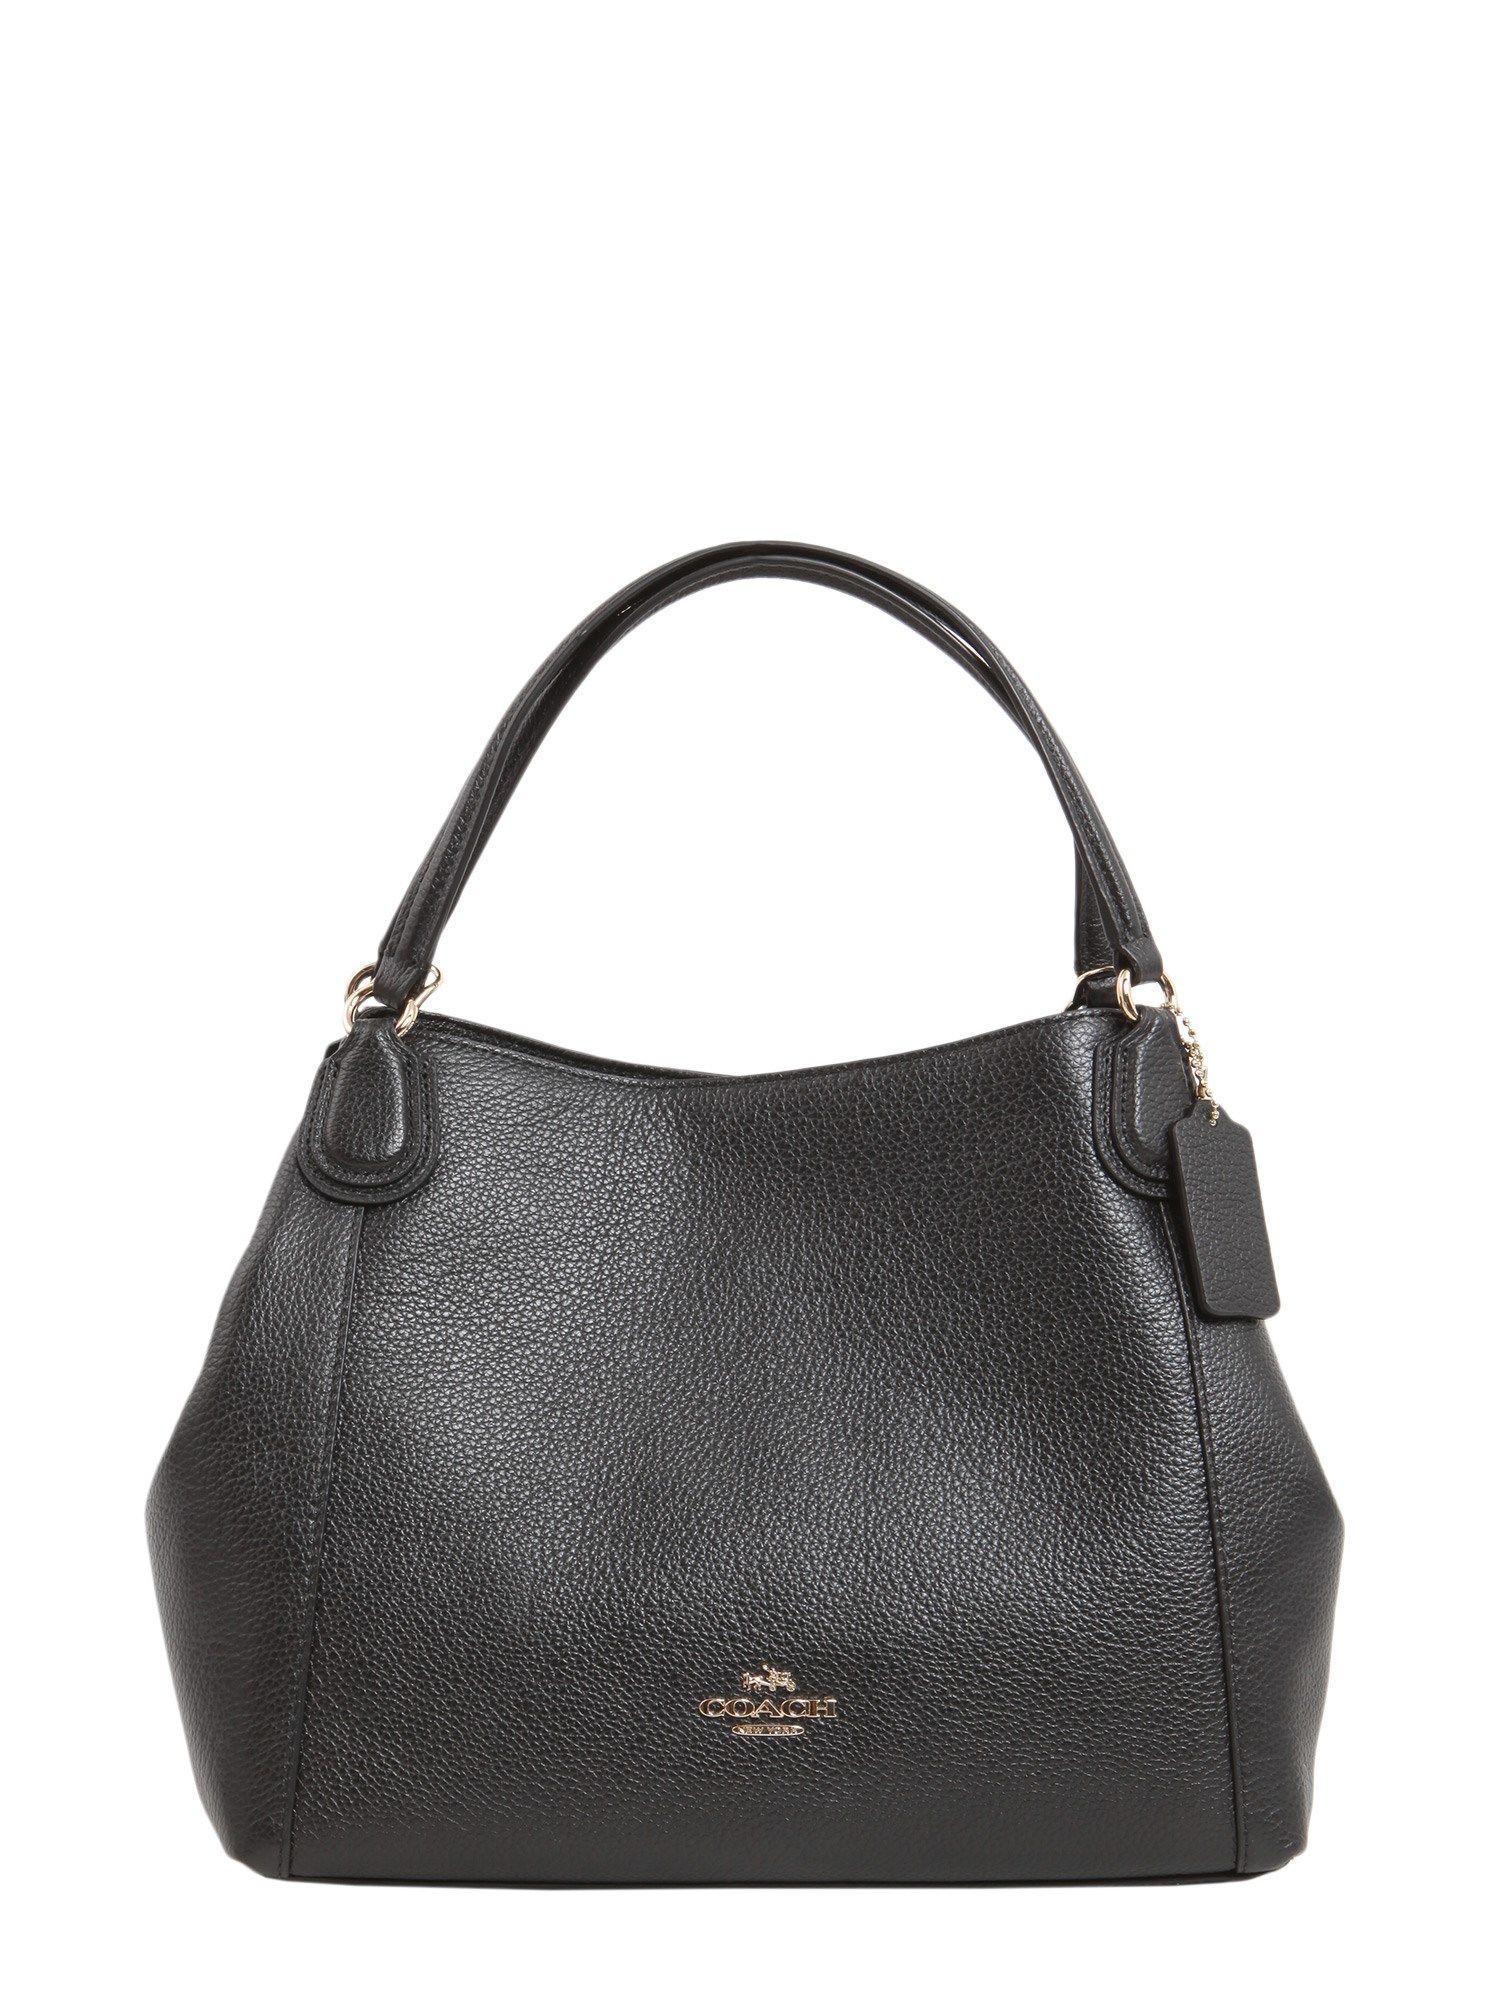 Edie 28 Hobo Bag